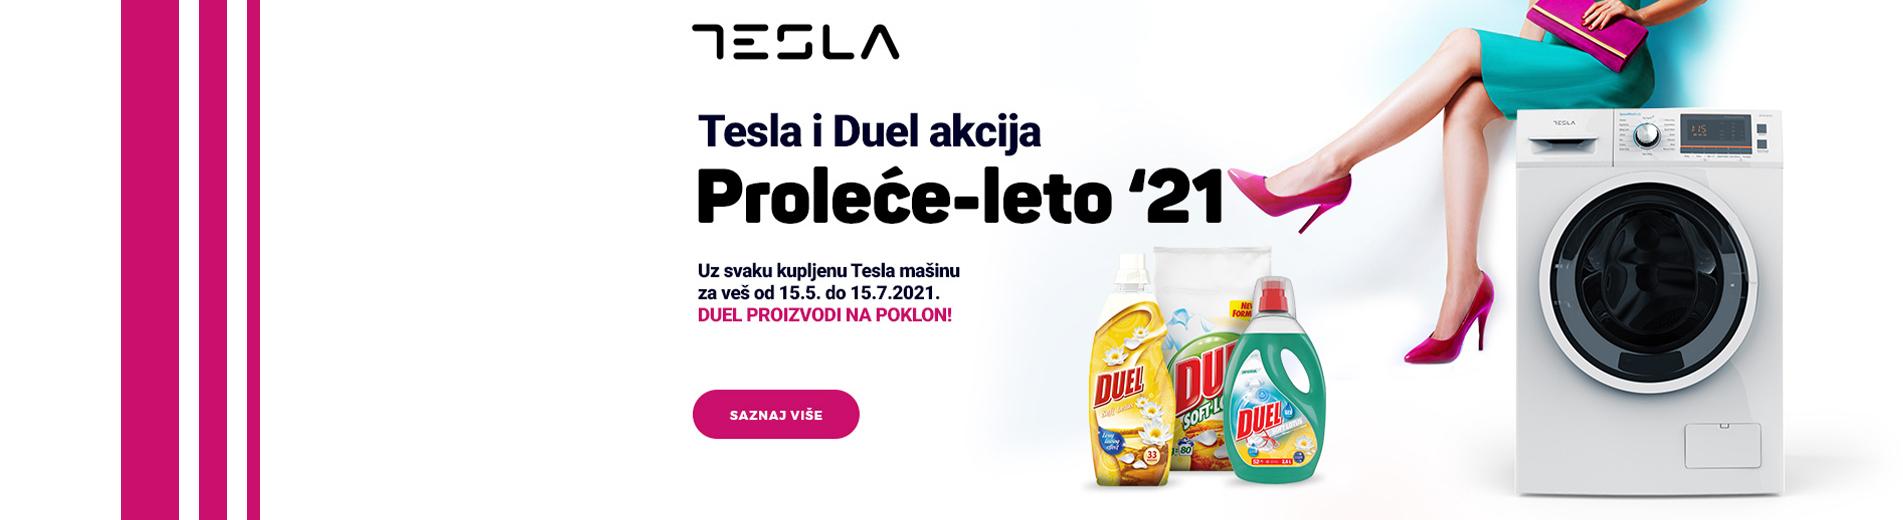 Tesla i Duel